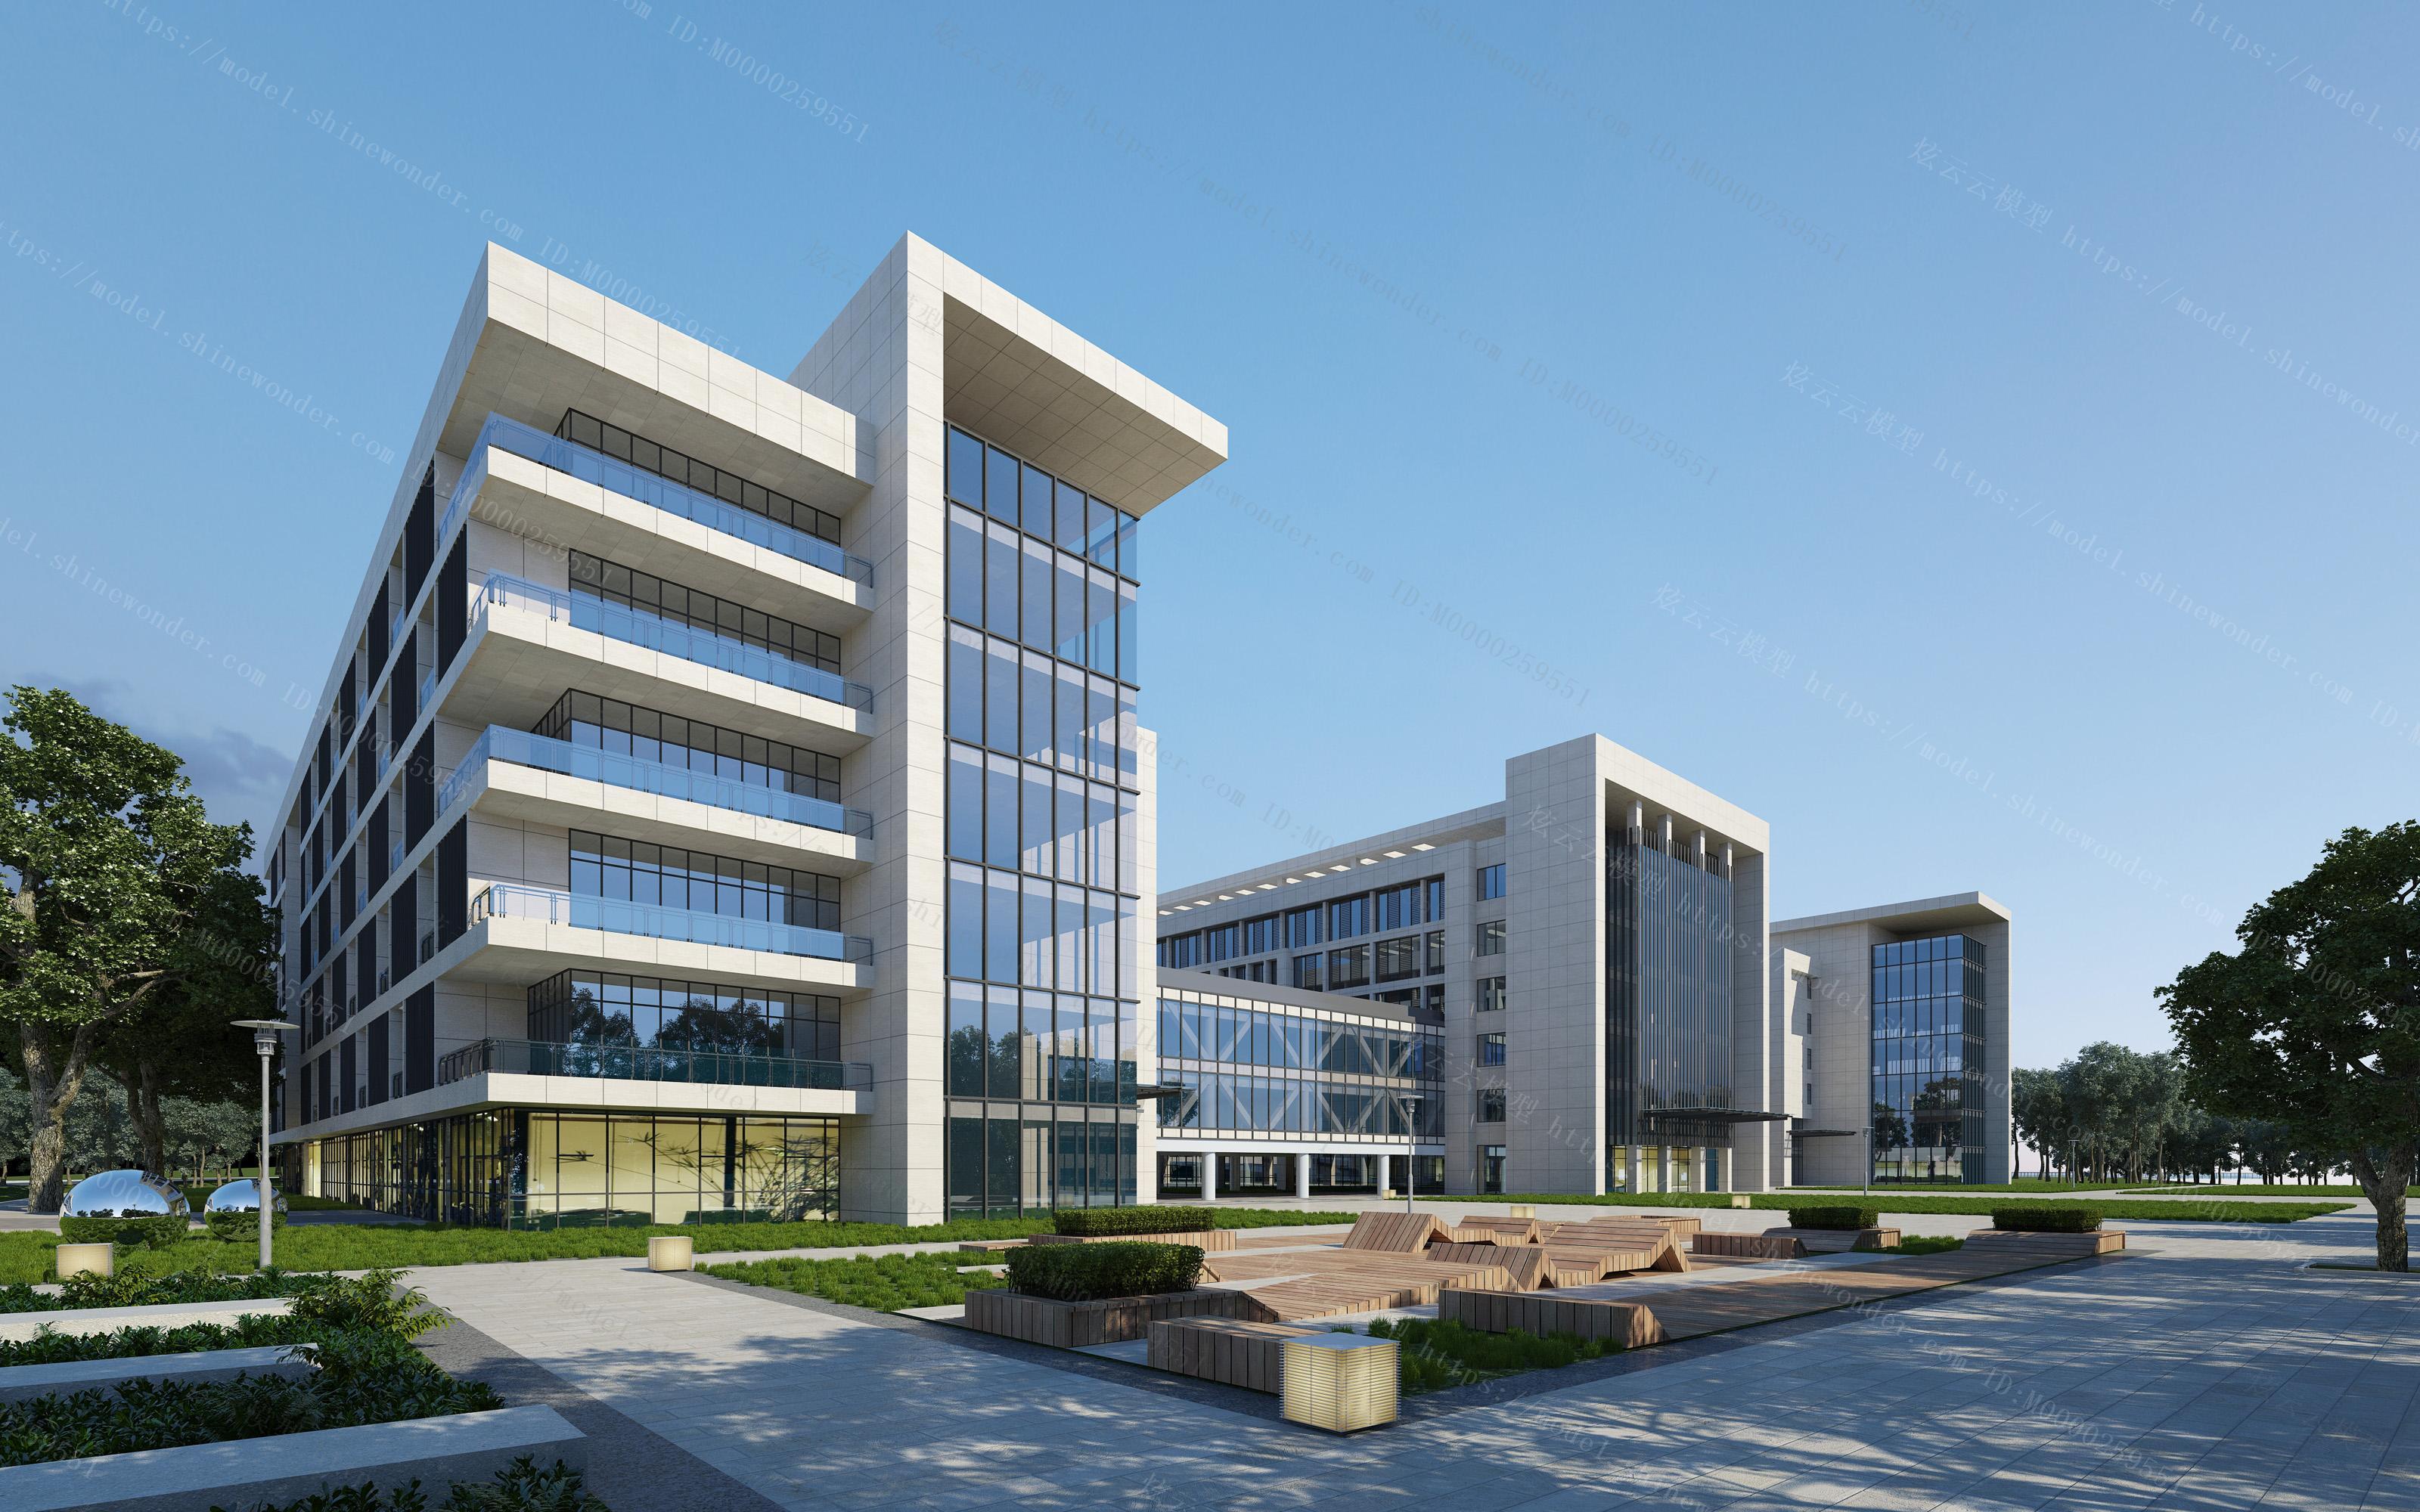 现代办公楼外观模型